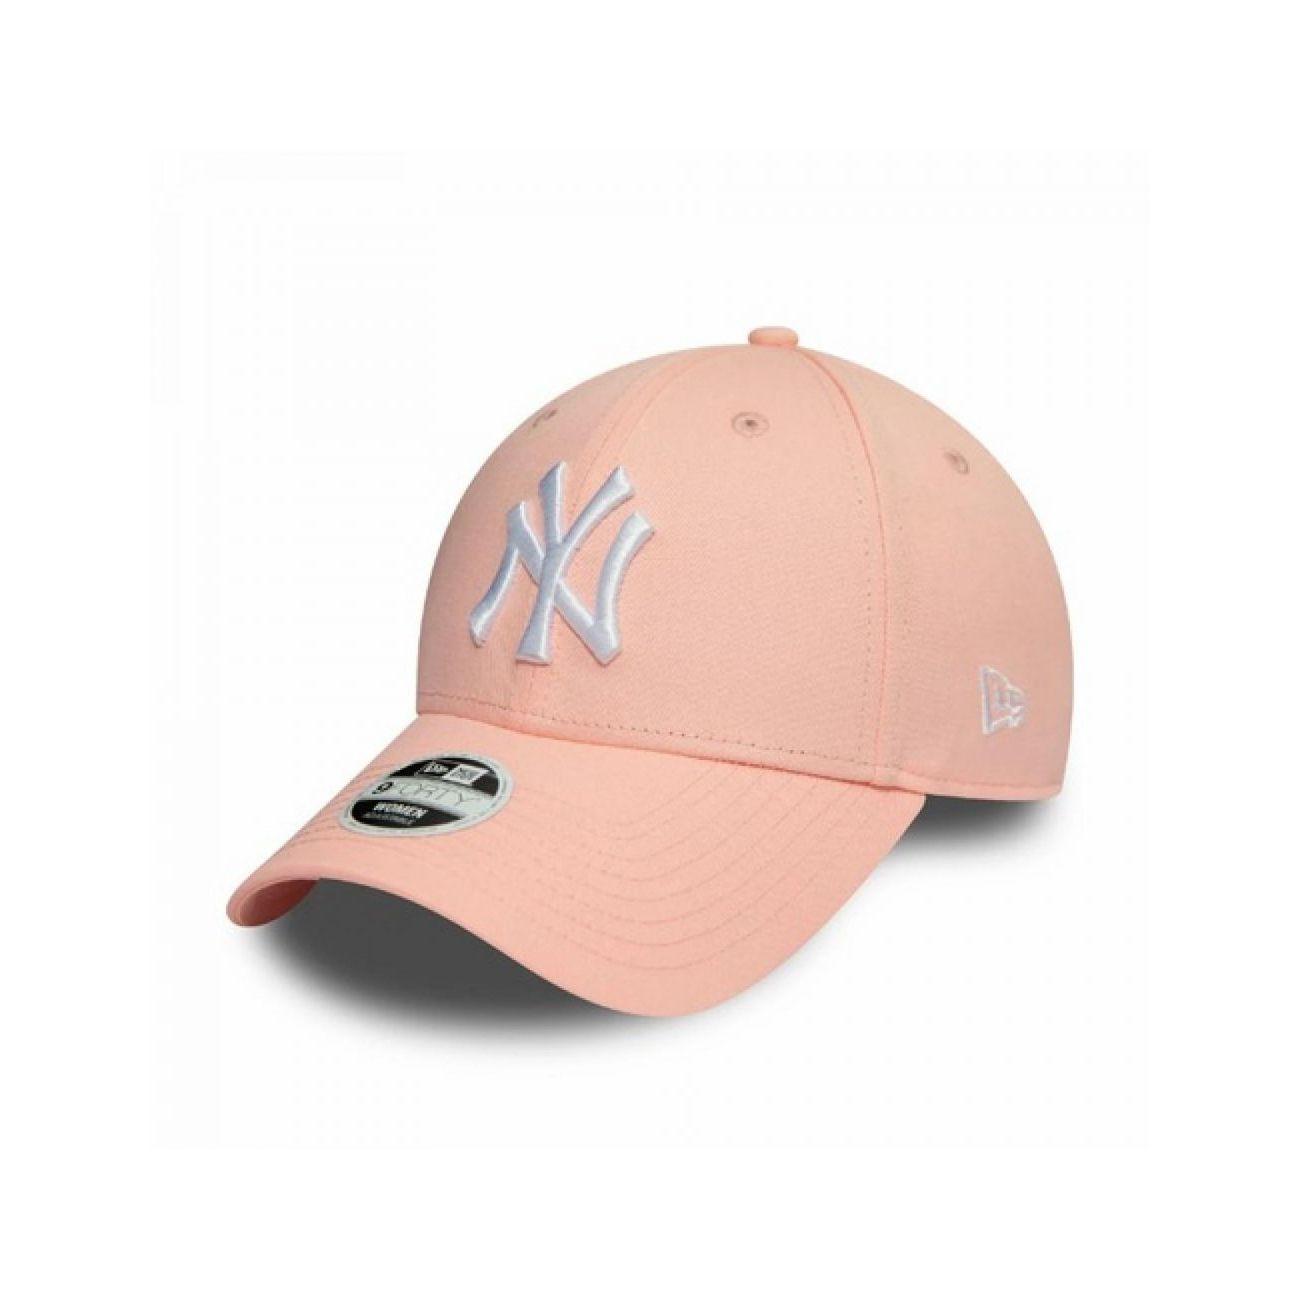 Mode- Lifestyle enfant NEW ERA Casquette enfant/youth 9FORTY NY Yankees